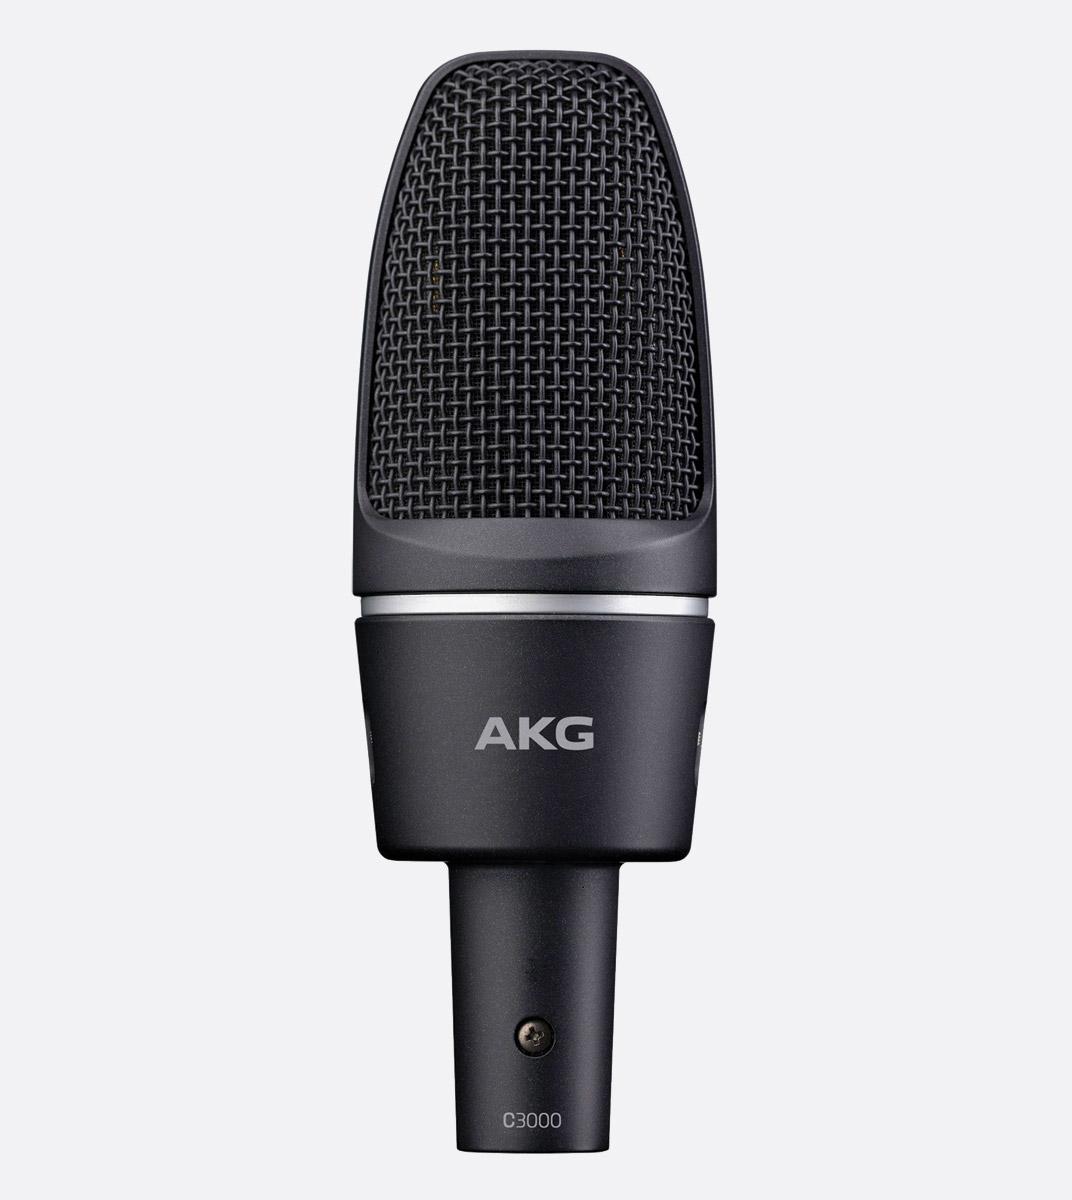 akg c3000 microphone rh canford co uk